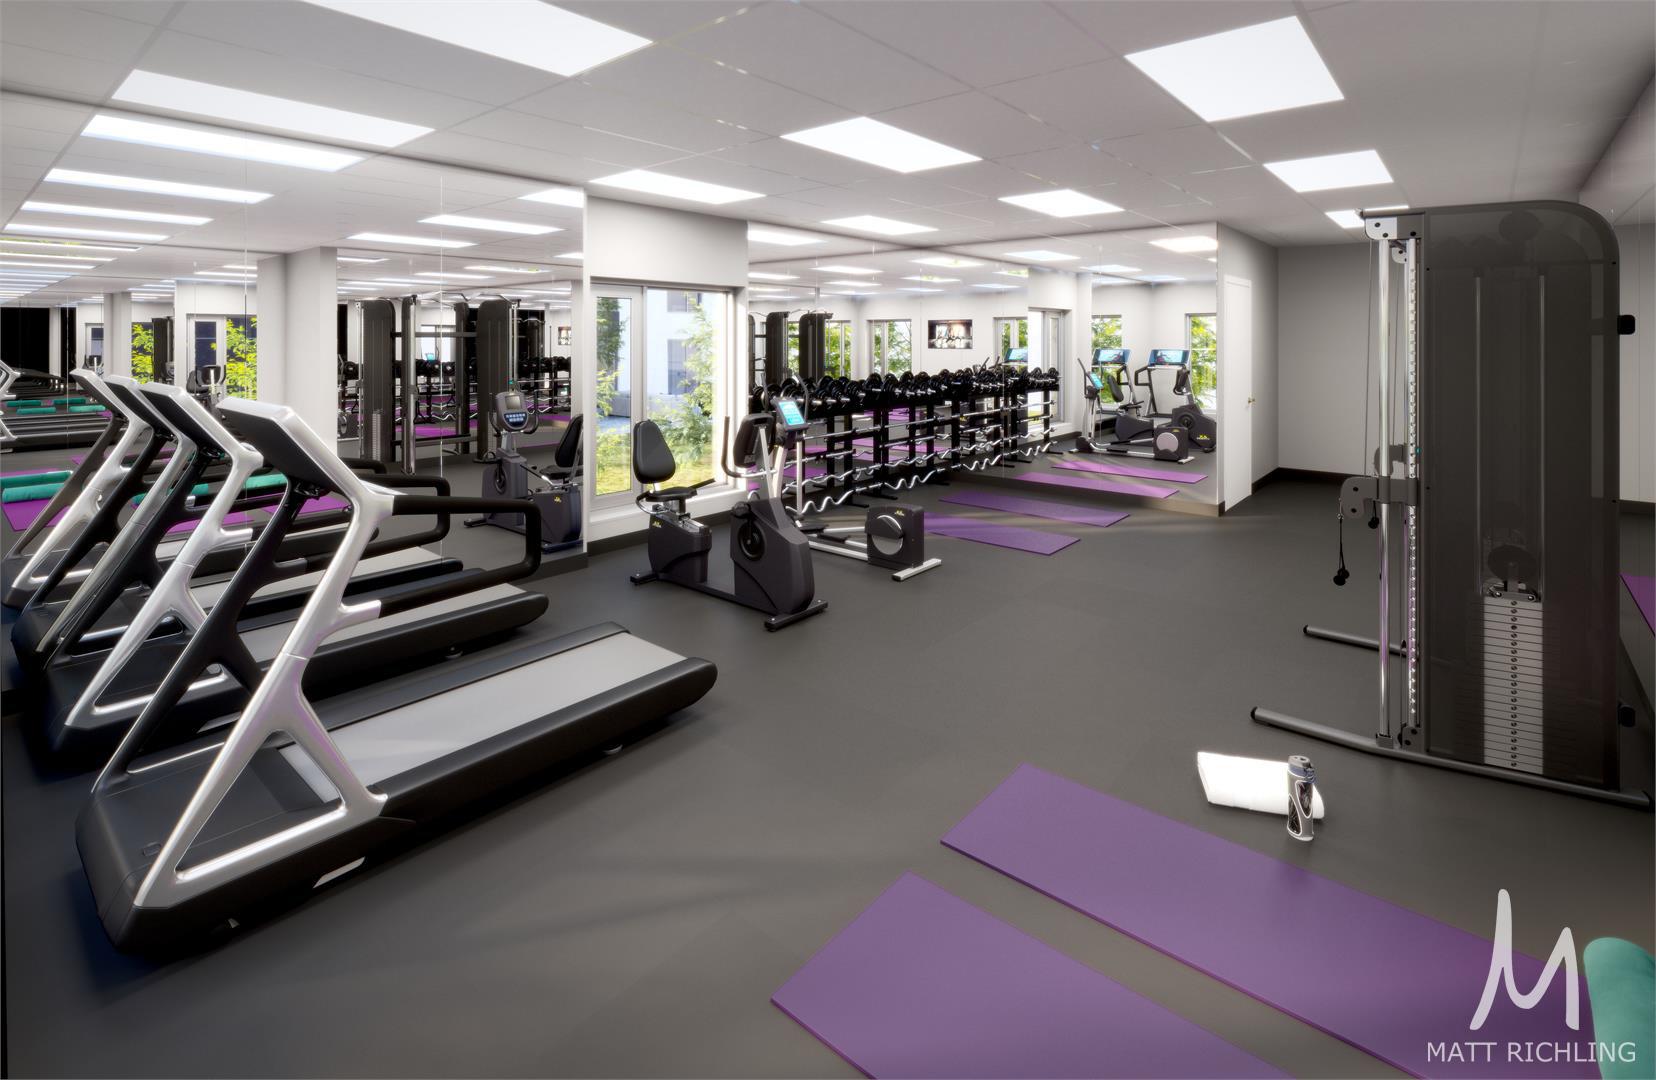 2019_08_23_11_49_01_18100_fitnesscenter-d01_st1.jpg